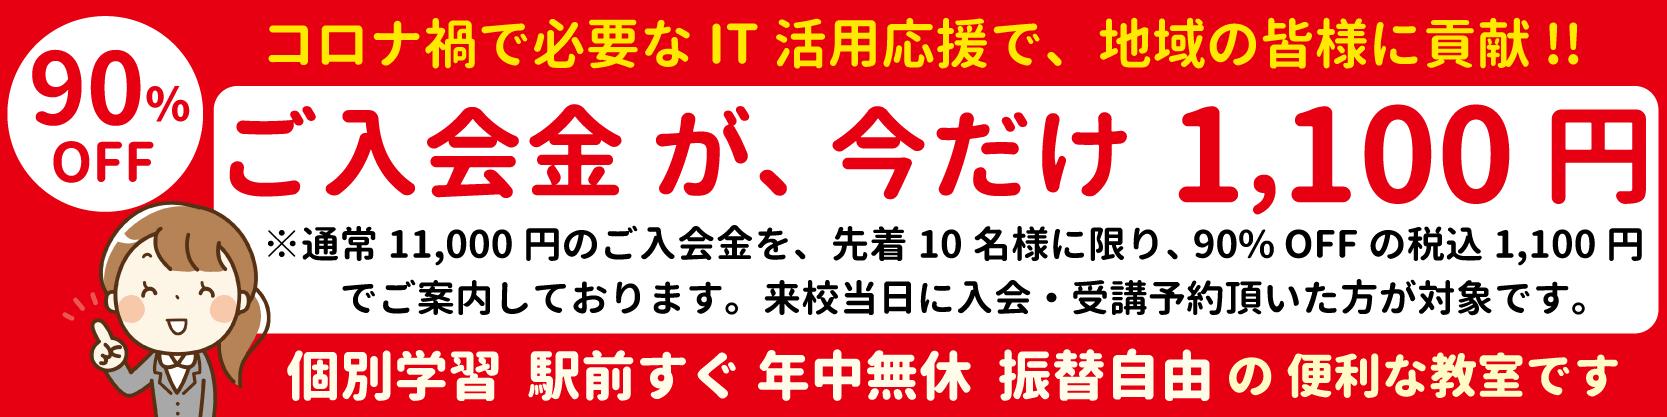 府中駅前0分・年中無休・振替自由。今ならキャンペーン中で先着10名様、ご入会金9,900円OFF!!